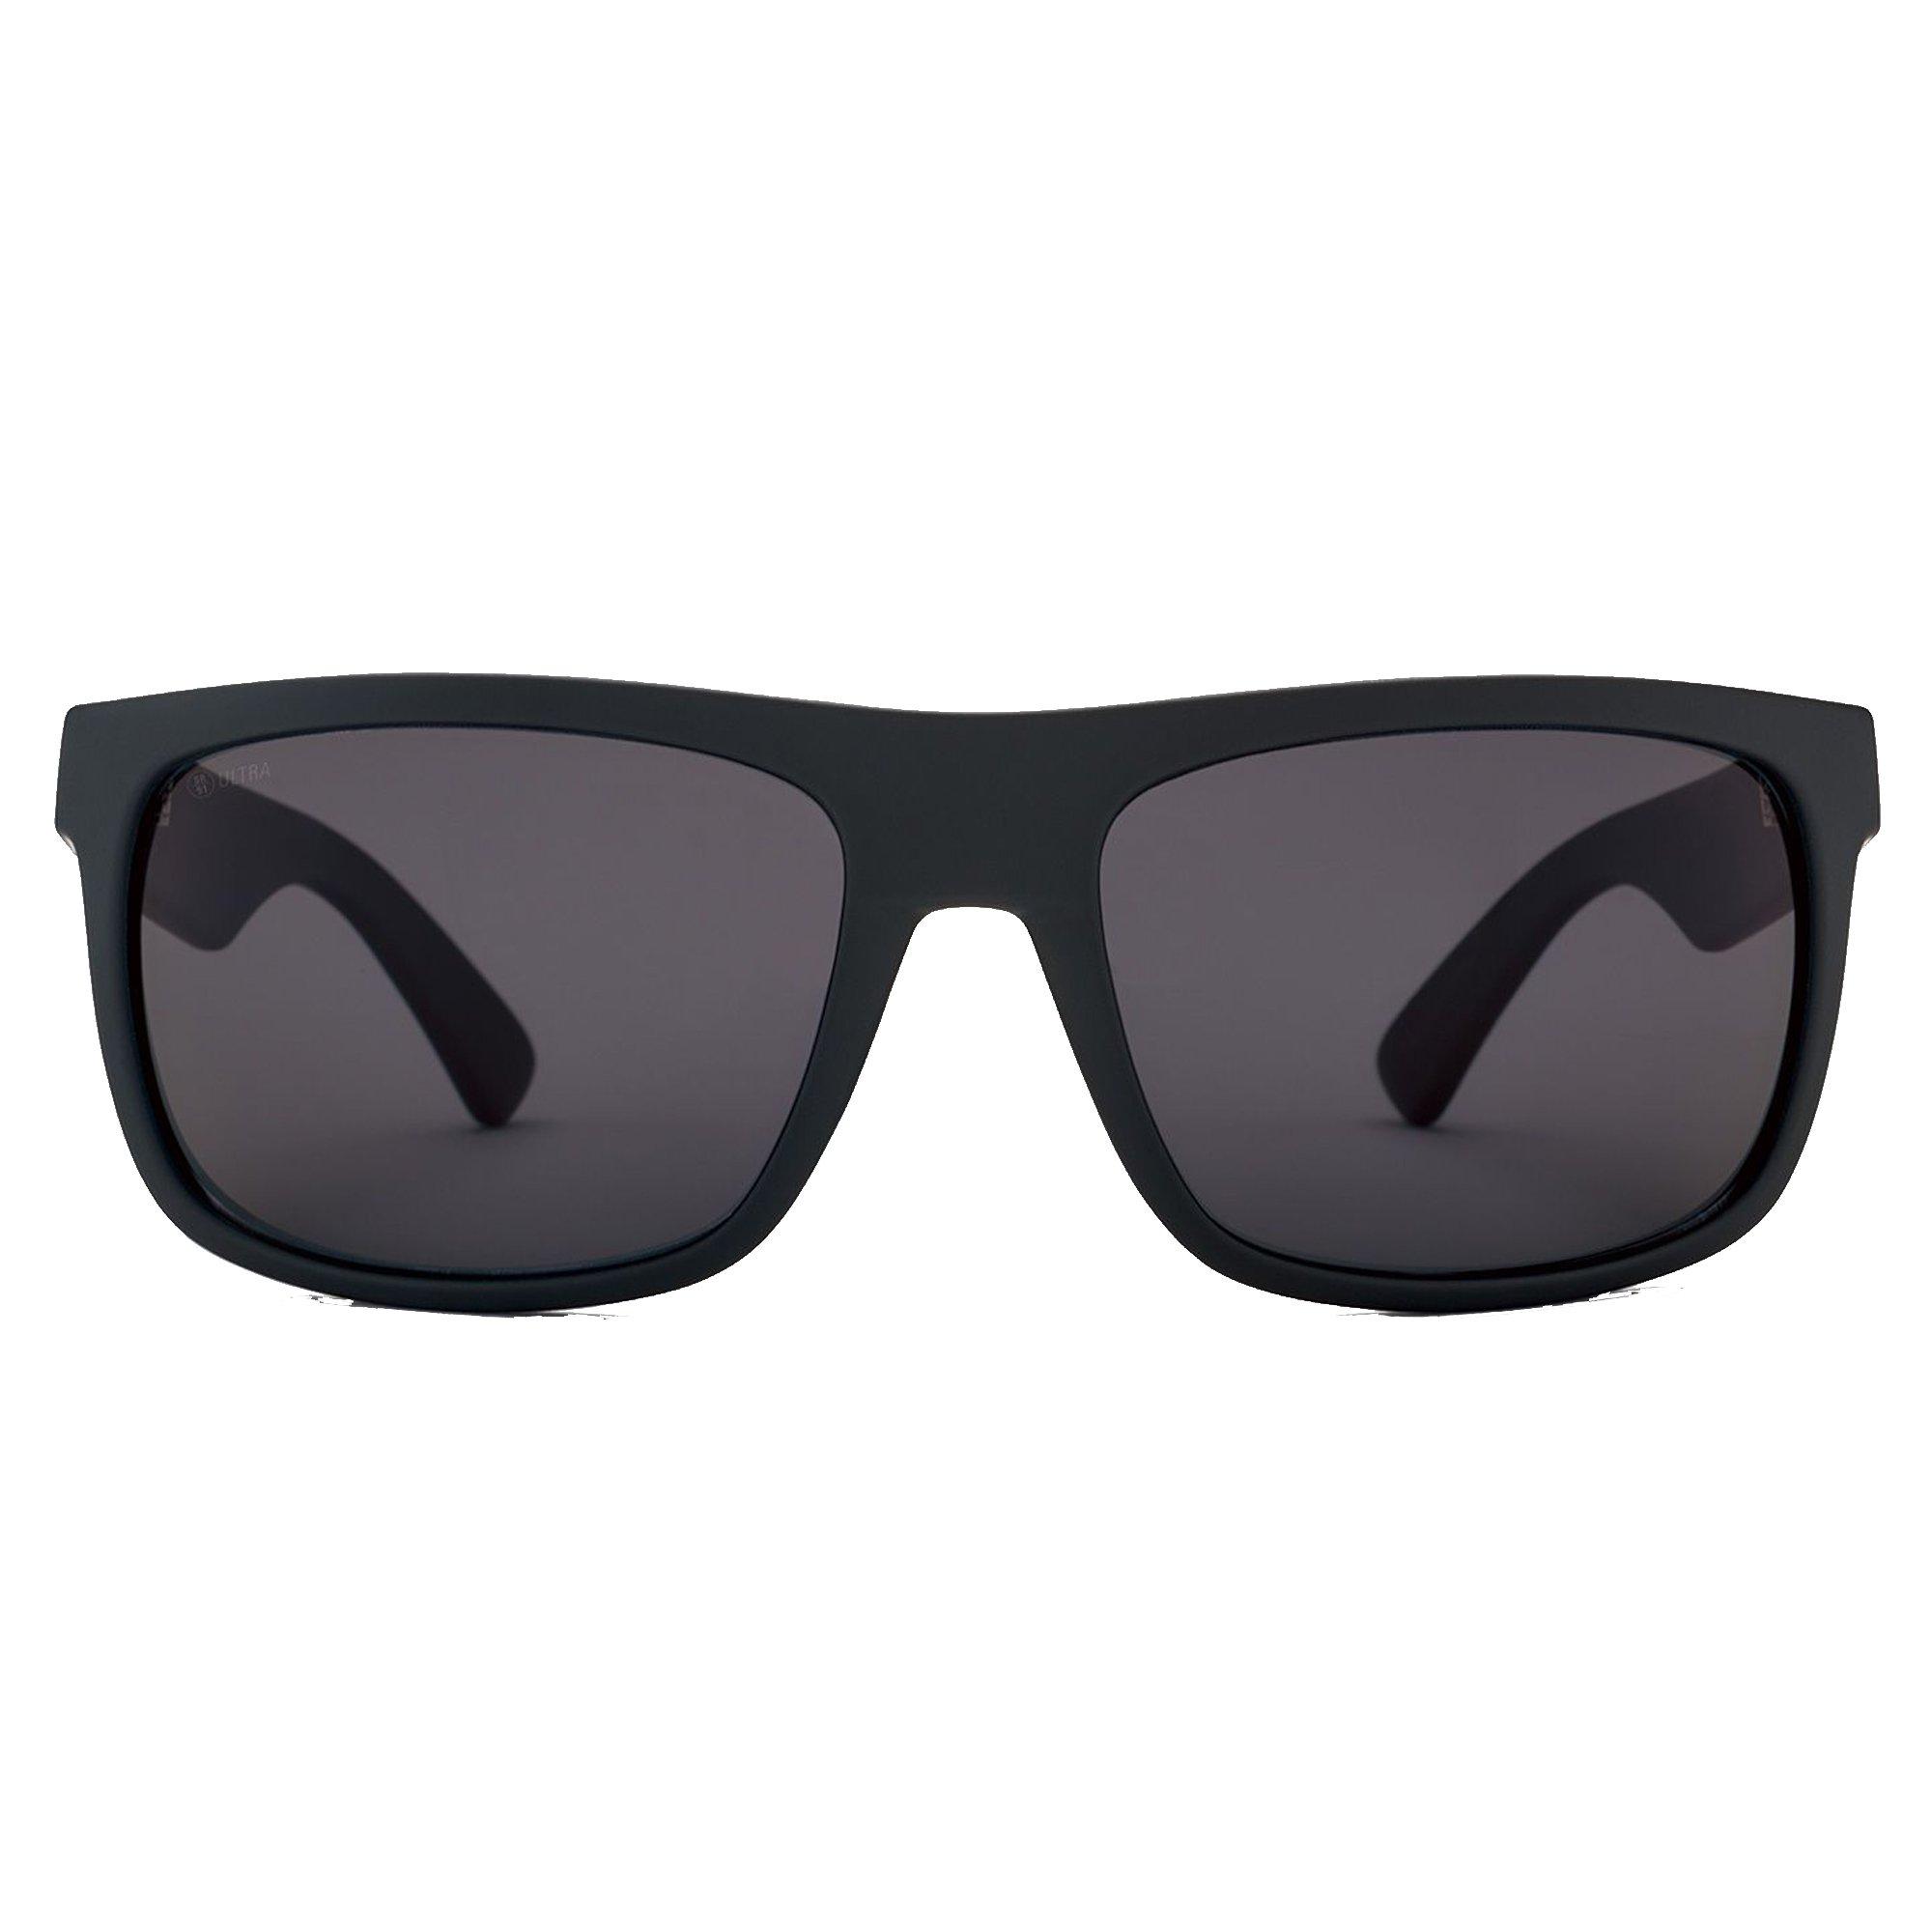 e1084563129 Details about Kaenon Burnet Mid Sunglasses (Black Matte Grip